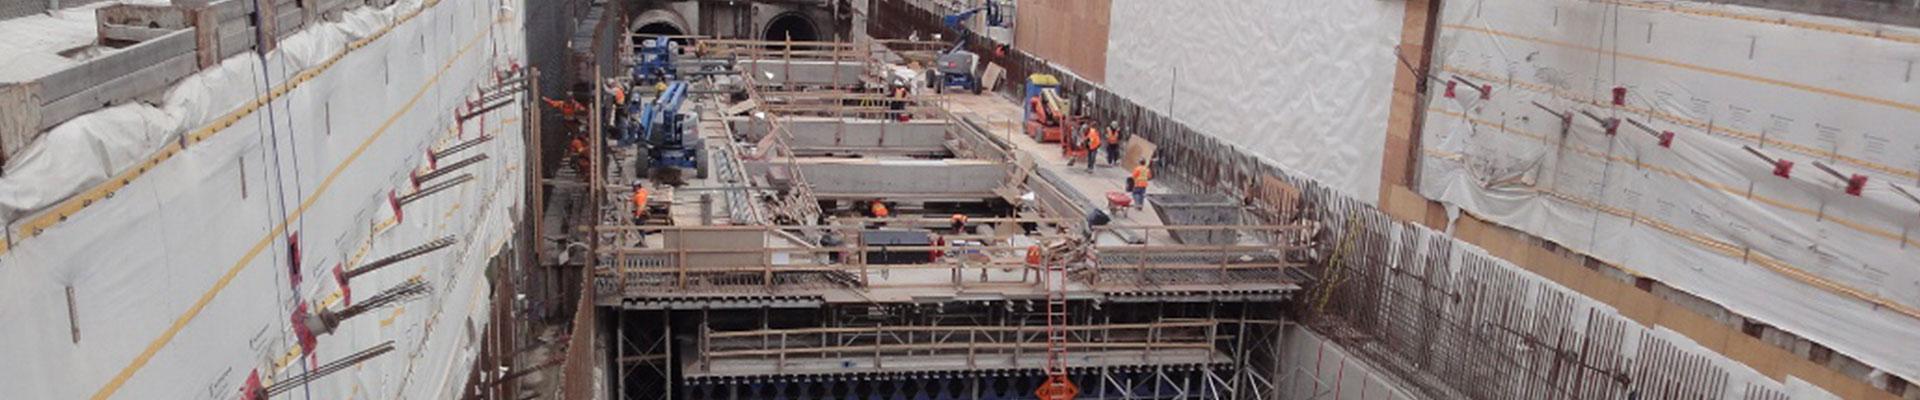 Ampliación-metro-York-Spadina-(Toronto-Canadá) Empresa de diseño geotécnico de túneles. Empresa de disseny geotècnic de túnels. Tunnel geotechnical design company.